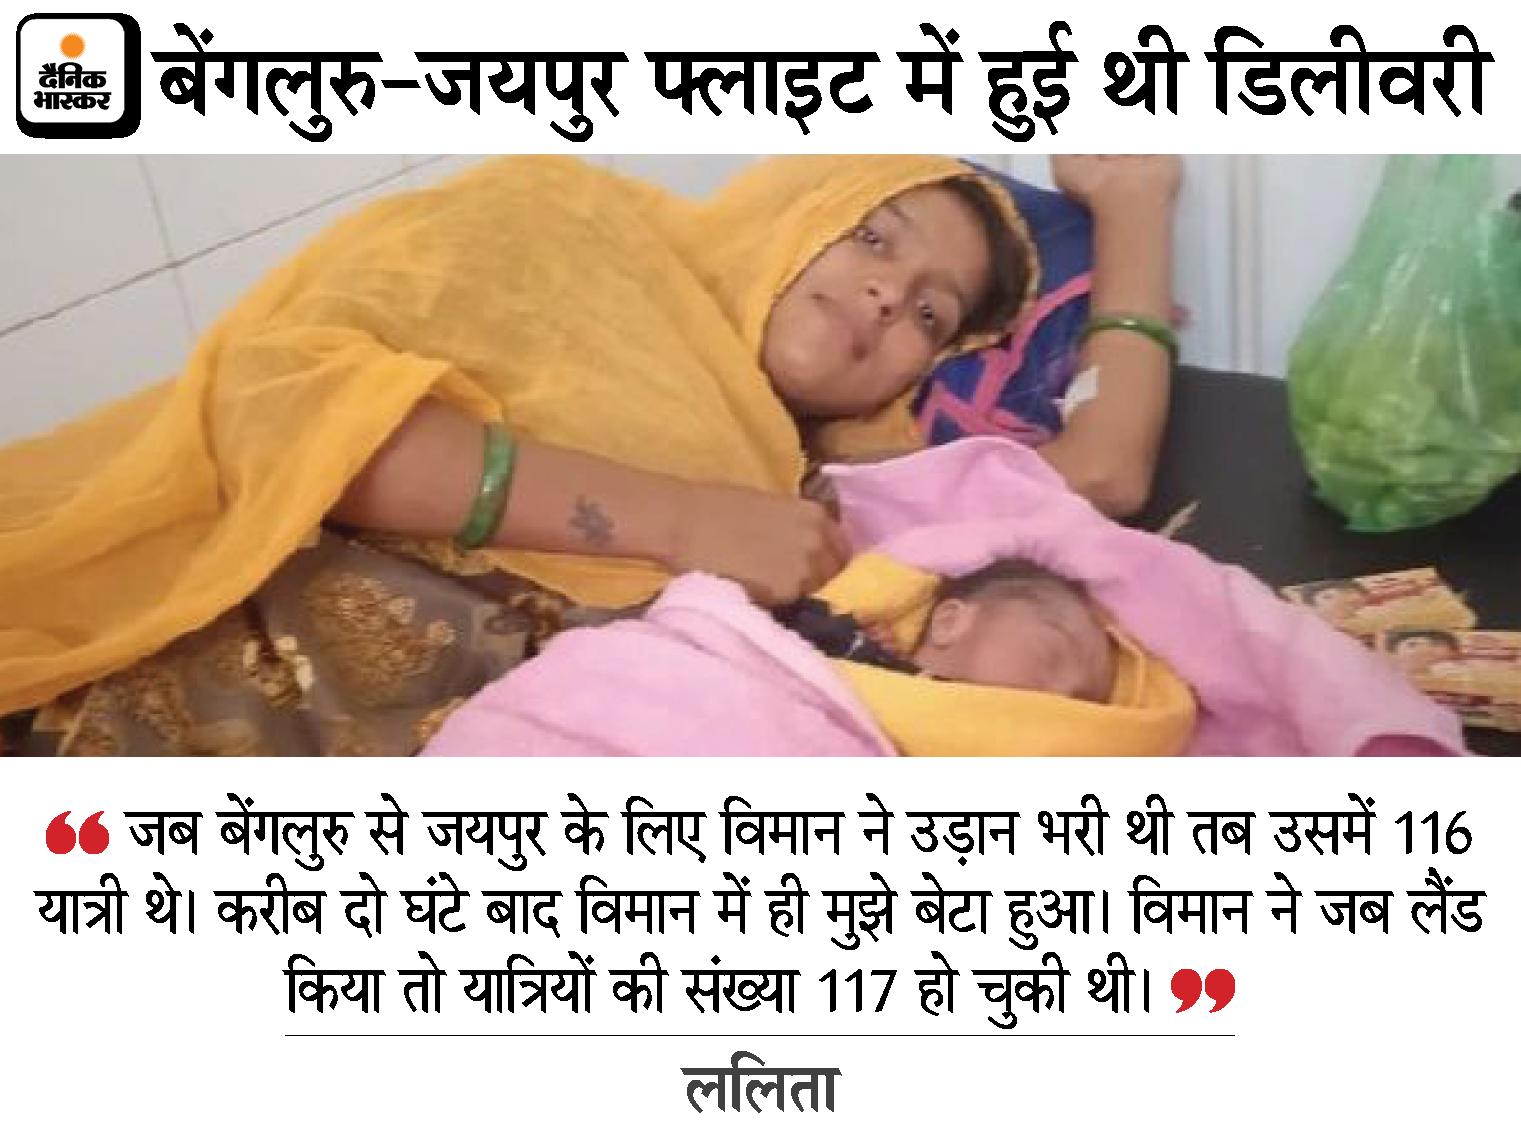 प्लेन में बच्चे को जन्म देने वाली मां ने कहा- महिलाओं ने घेरा बनाया तो समझ गई कि डिलीवरी की तैयारी है|जयपुर,Jaipur - Dainik Bhaskar